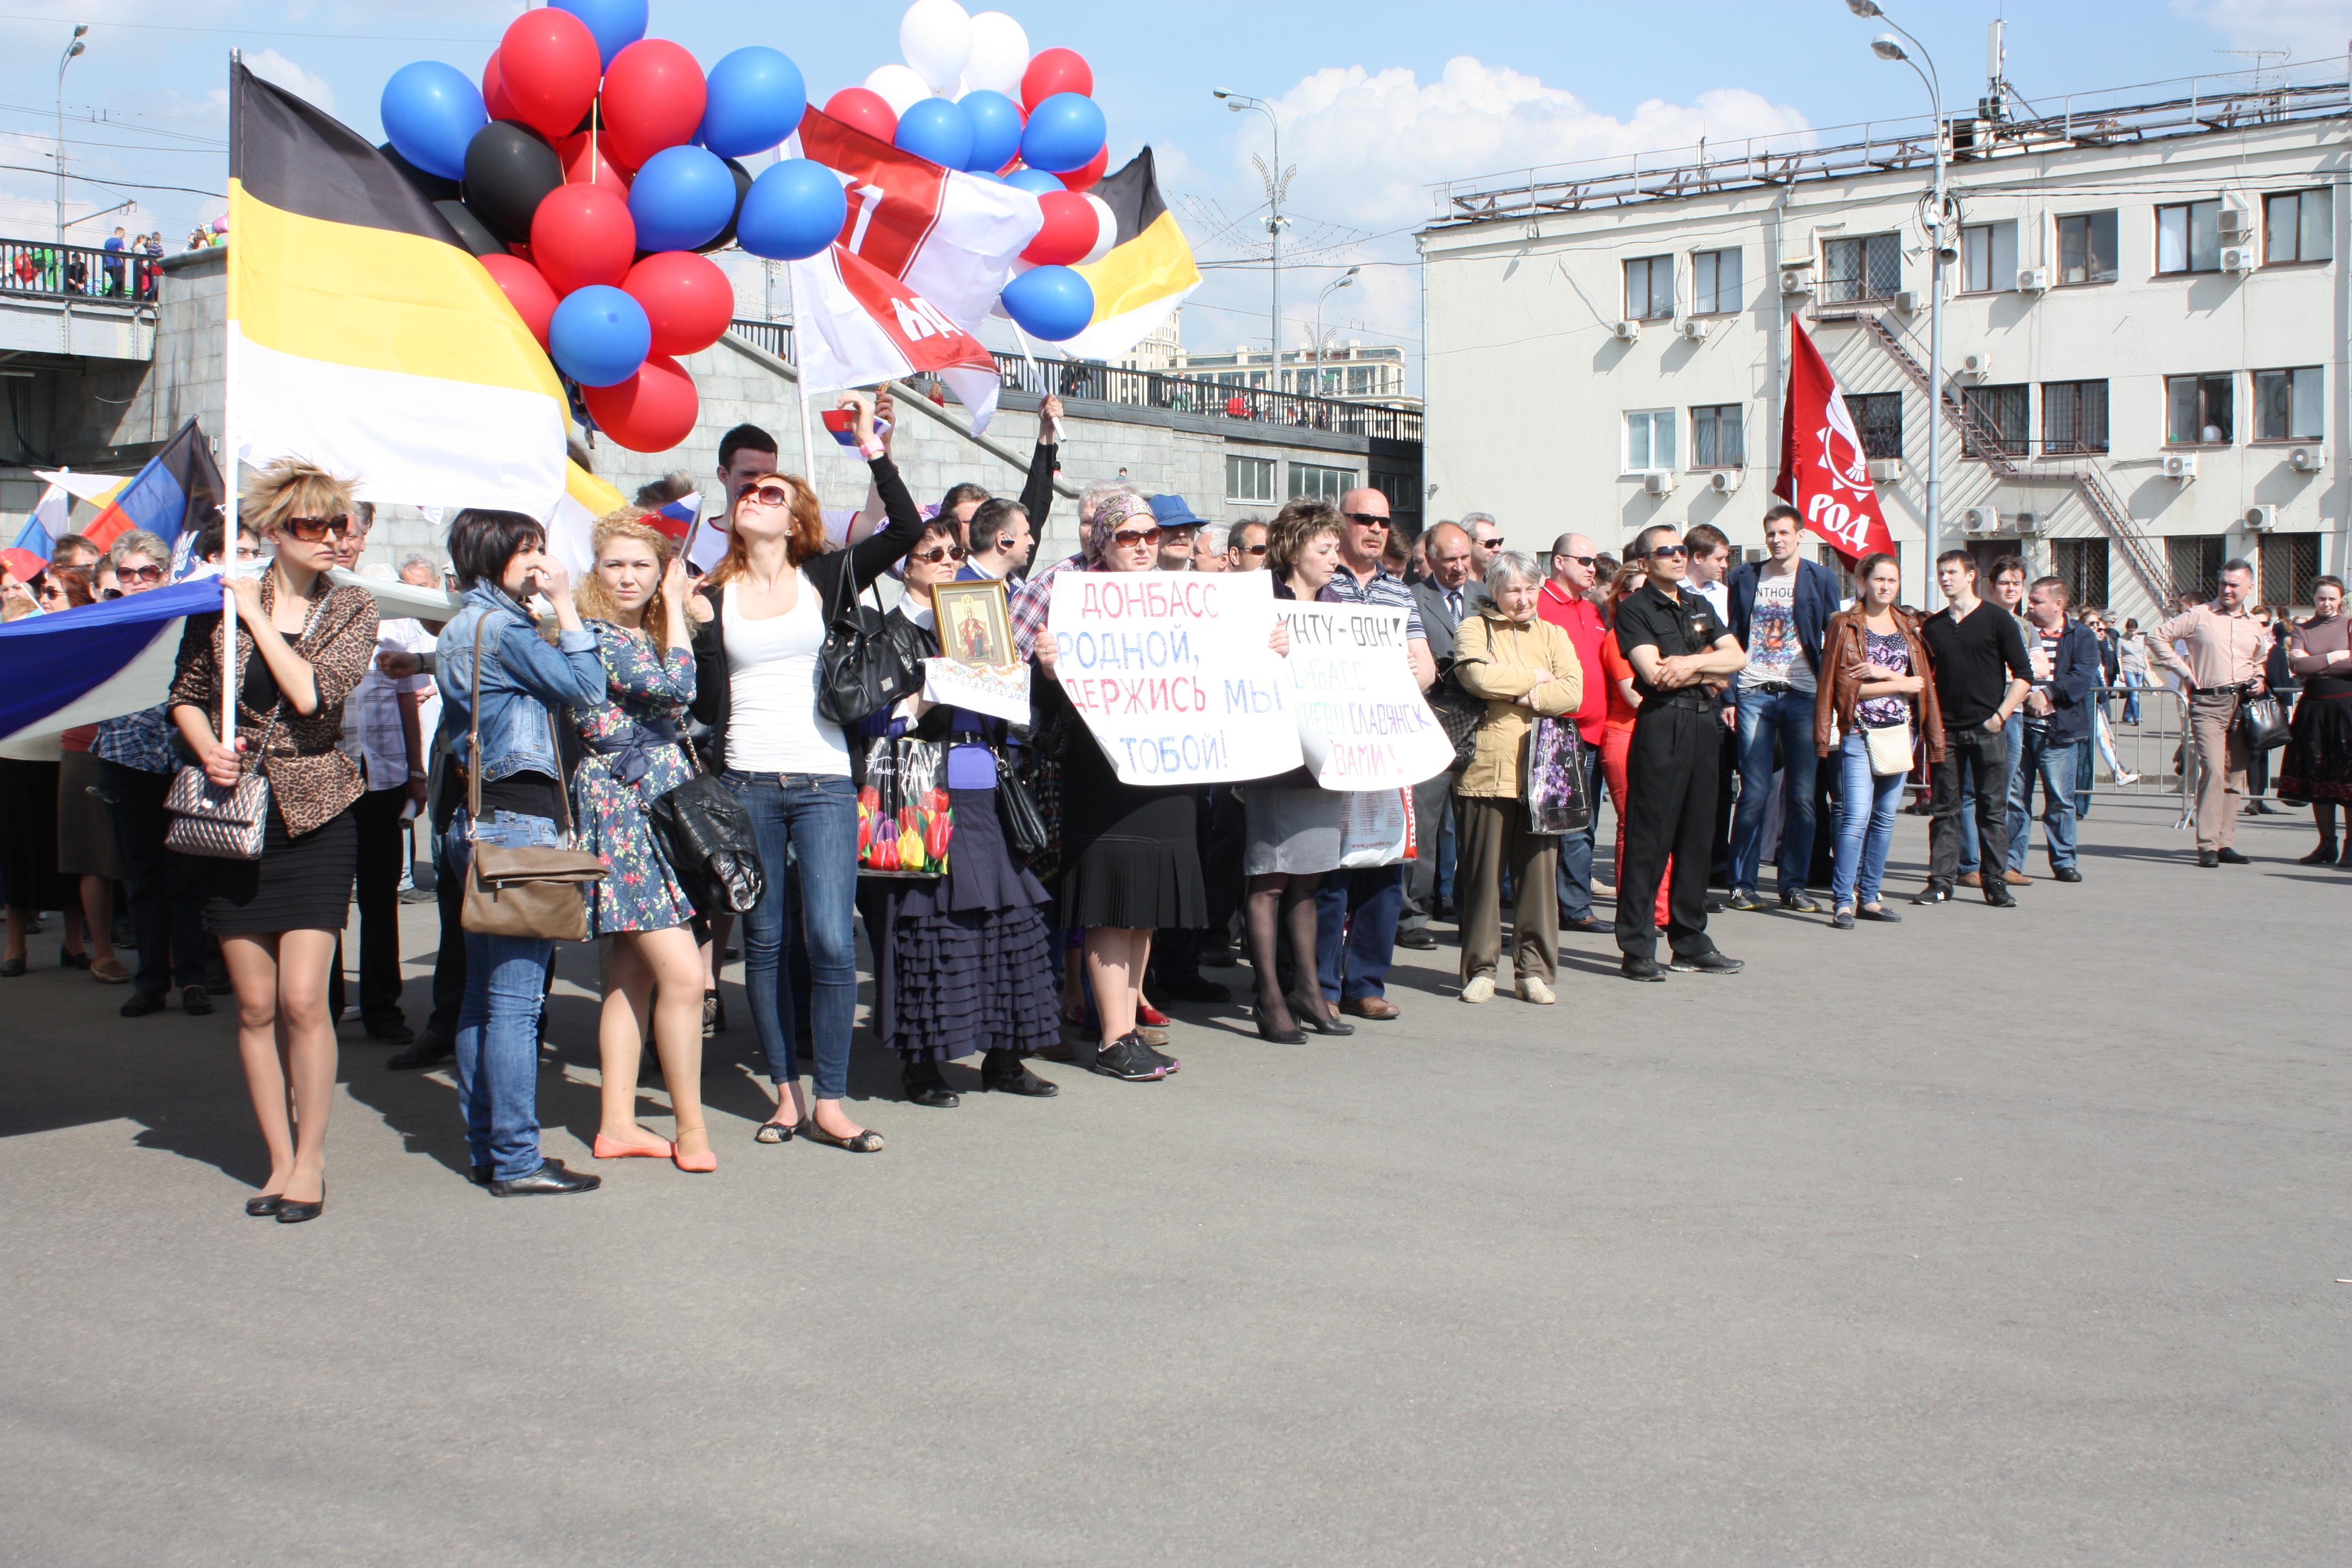 http://ic.pics.livejournal.com/d_arsenieva/59712552/30309/30309_original.jpg